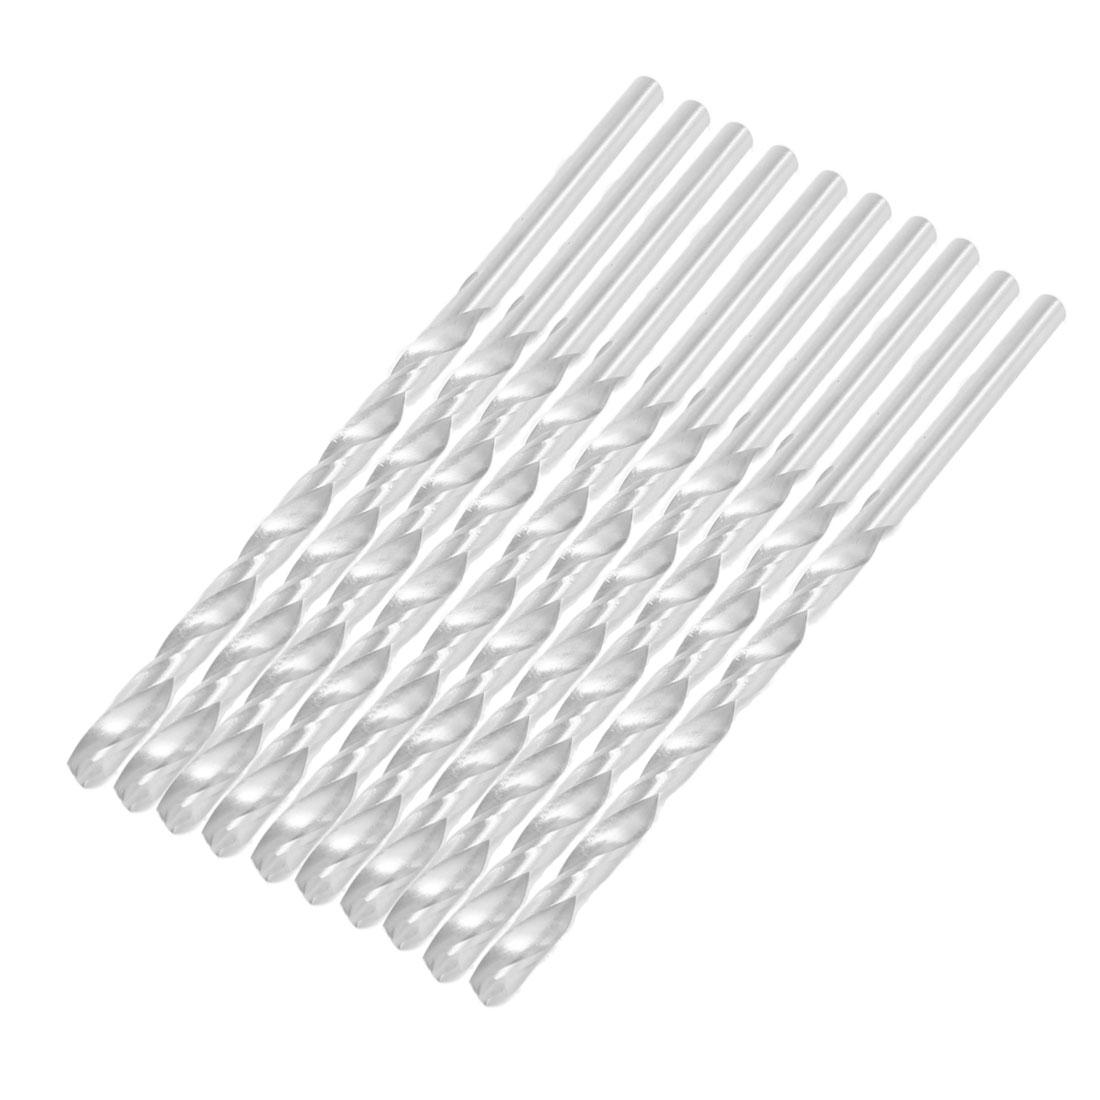 2.5mm x 105mm Metal Marble Drilling High Speed Steel Spiral Drill Bits 10 Pcs